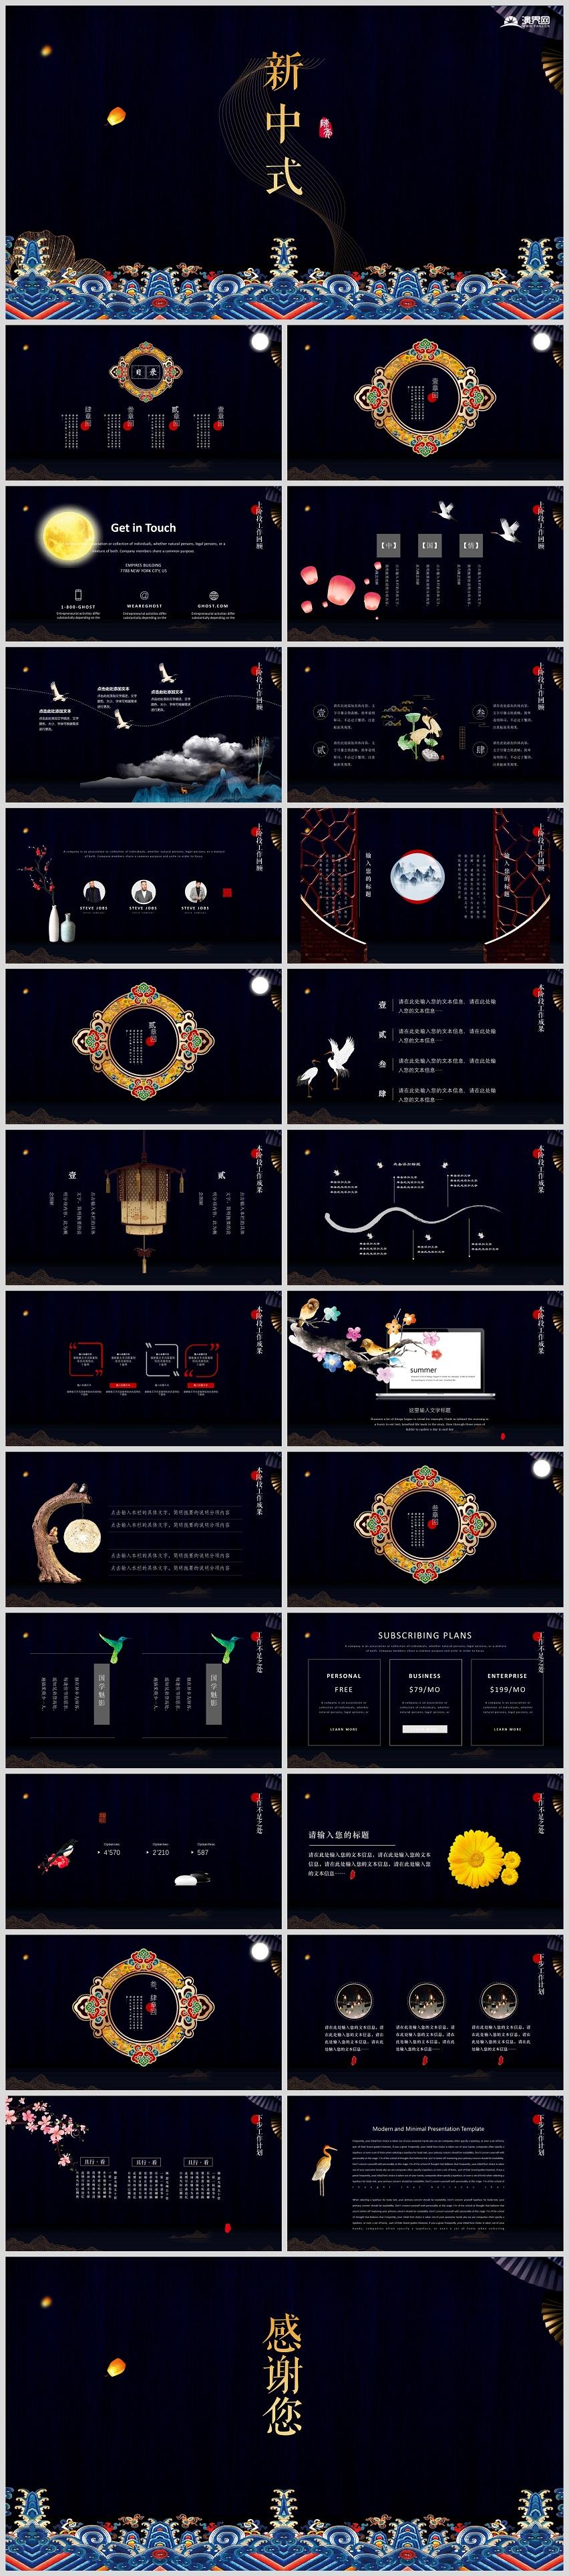 新中式中国风大气华丽房地产介绍商业计划书PPT模板